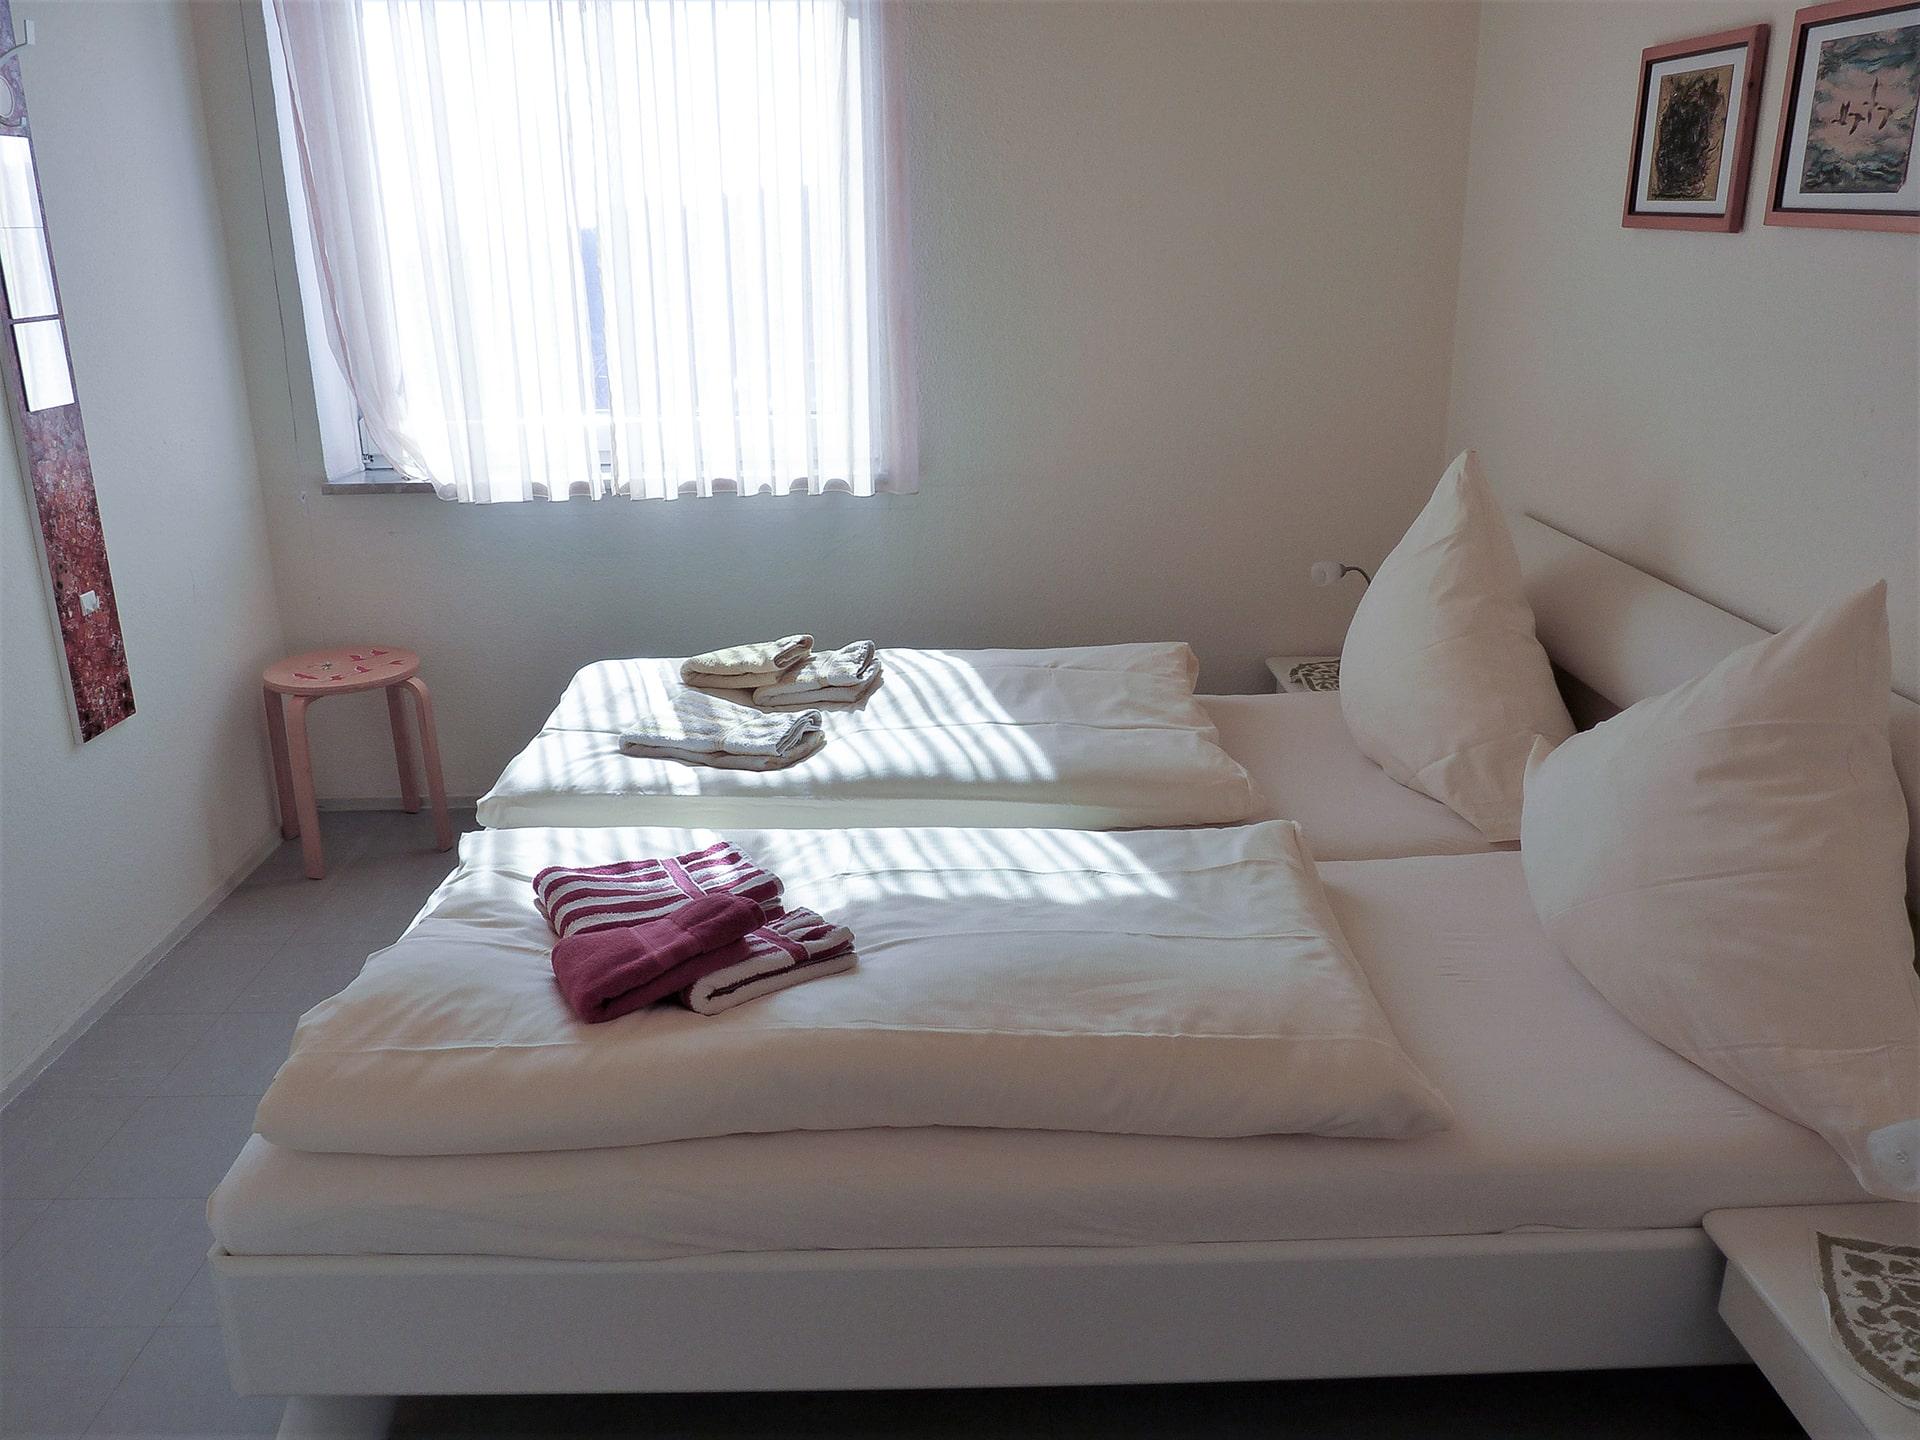 malerhaus-kuhse-ferienwohnung-hohes-ufer-schlafzimmer